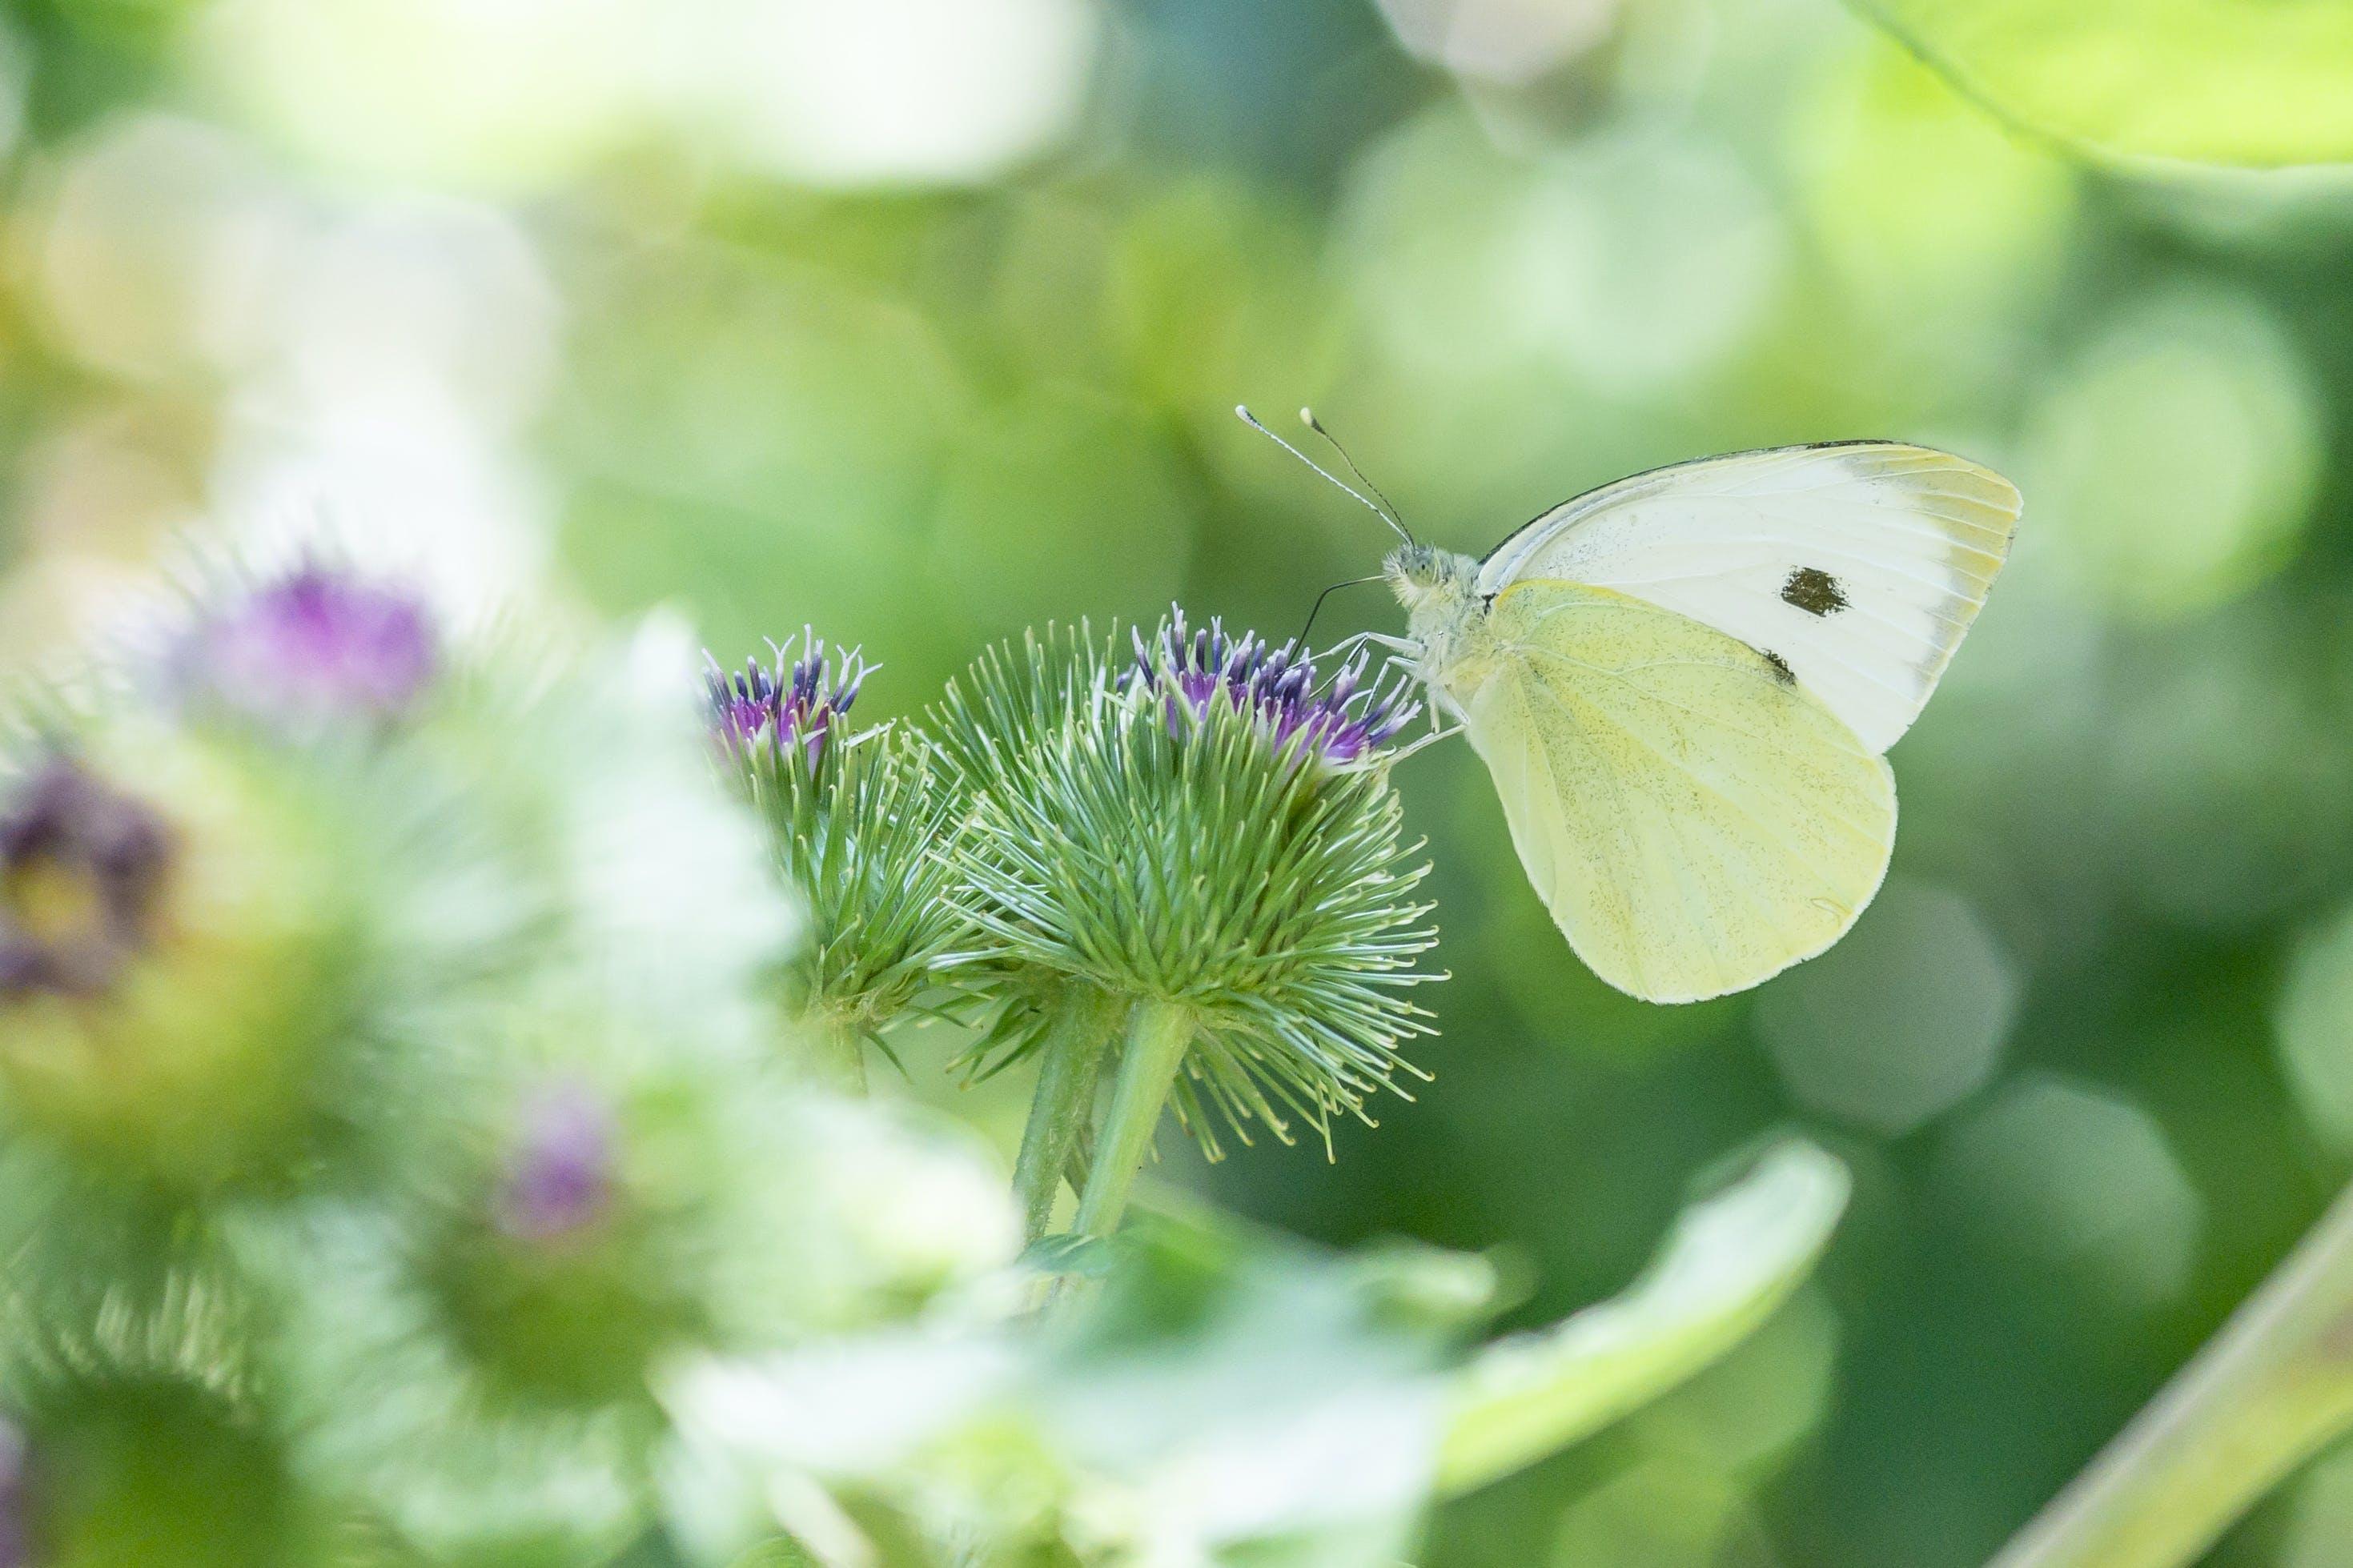 Gratis lagerfoto af biologi, blomst, close-up, delikat